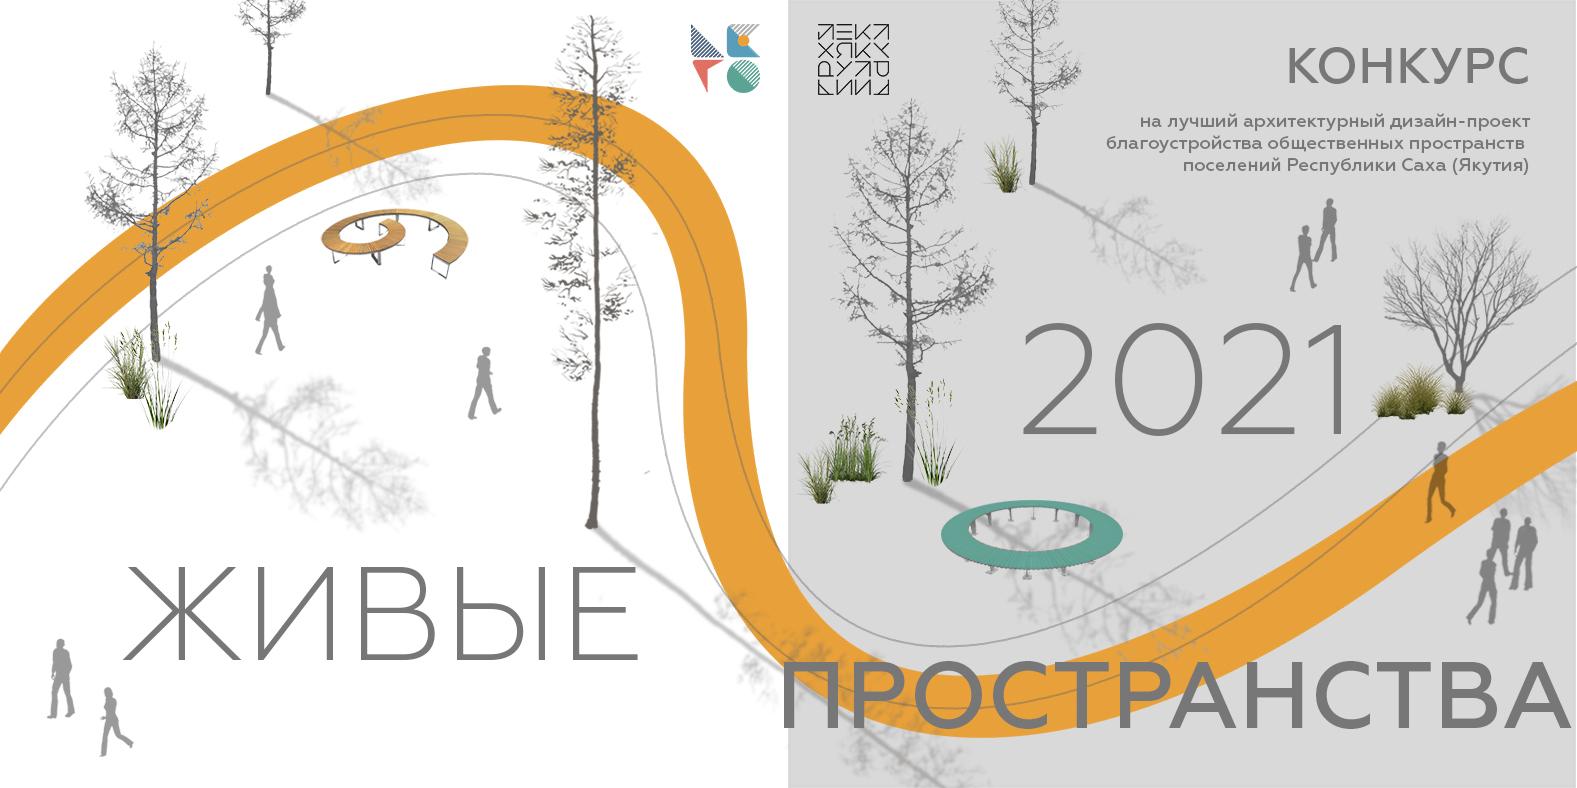 """В Якутии стартует конкурс на лучший архитектурный проект """"Живые пространства"""""""